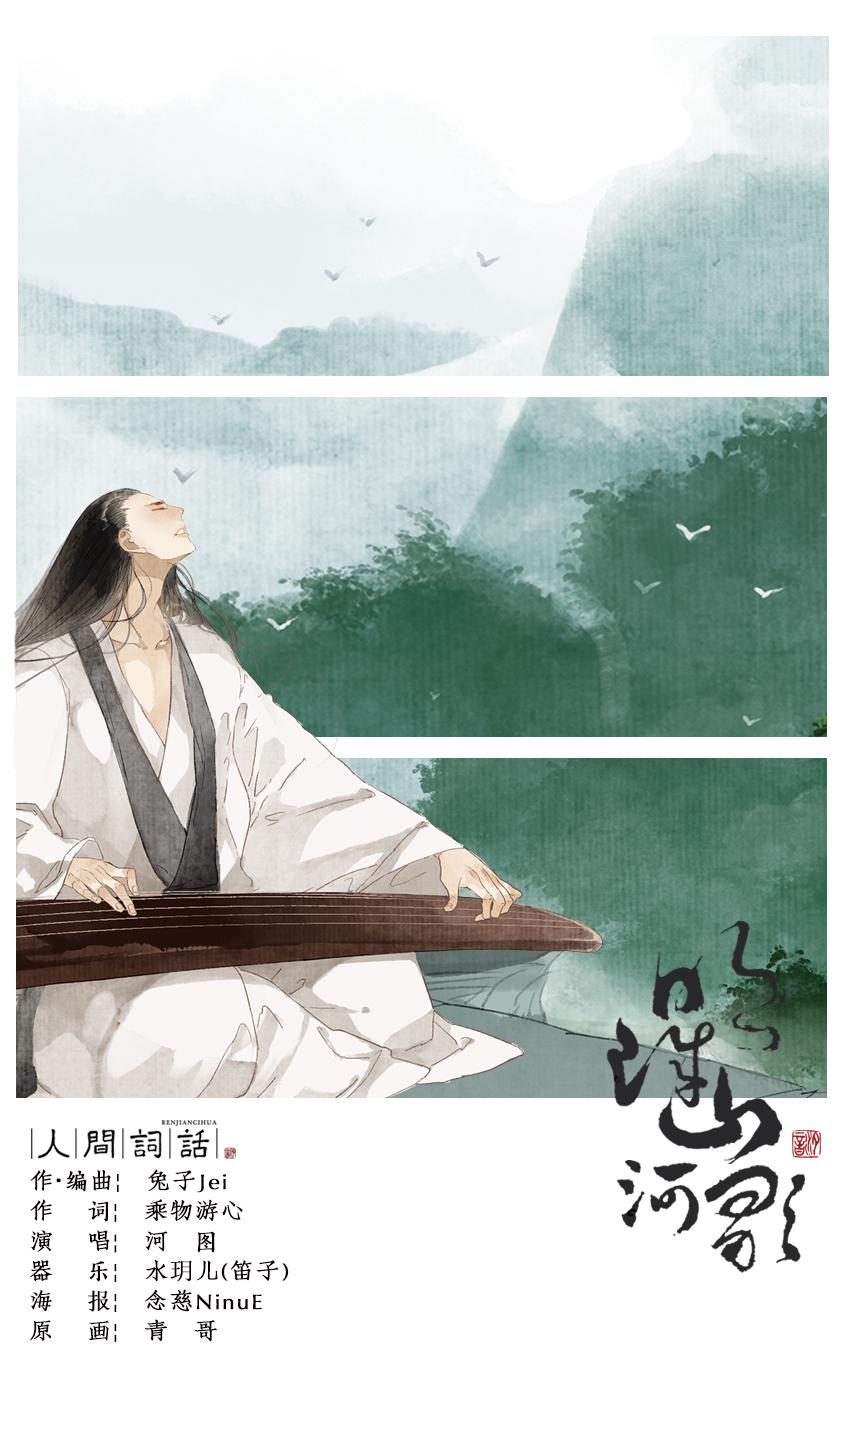 明珠专辑(河图【人间词话山河古风】)草坪机图片